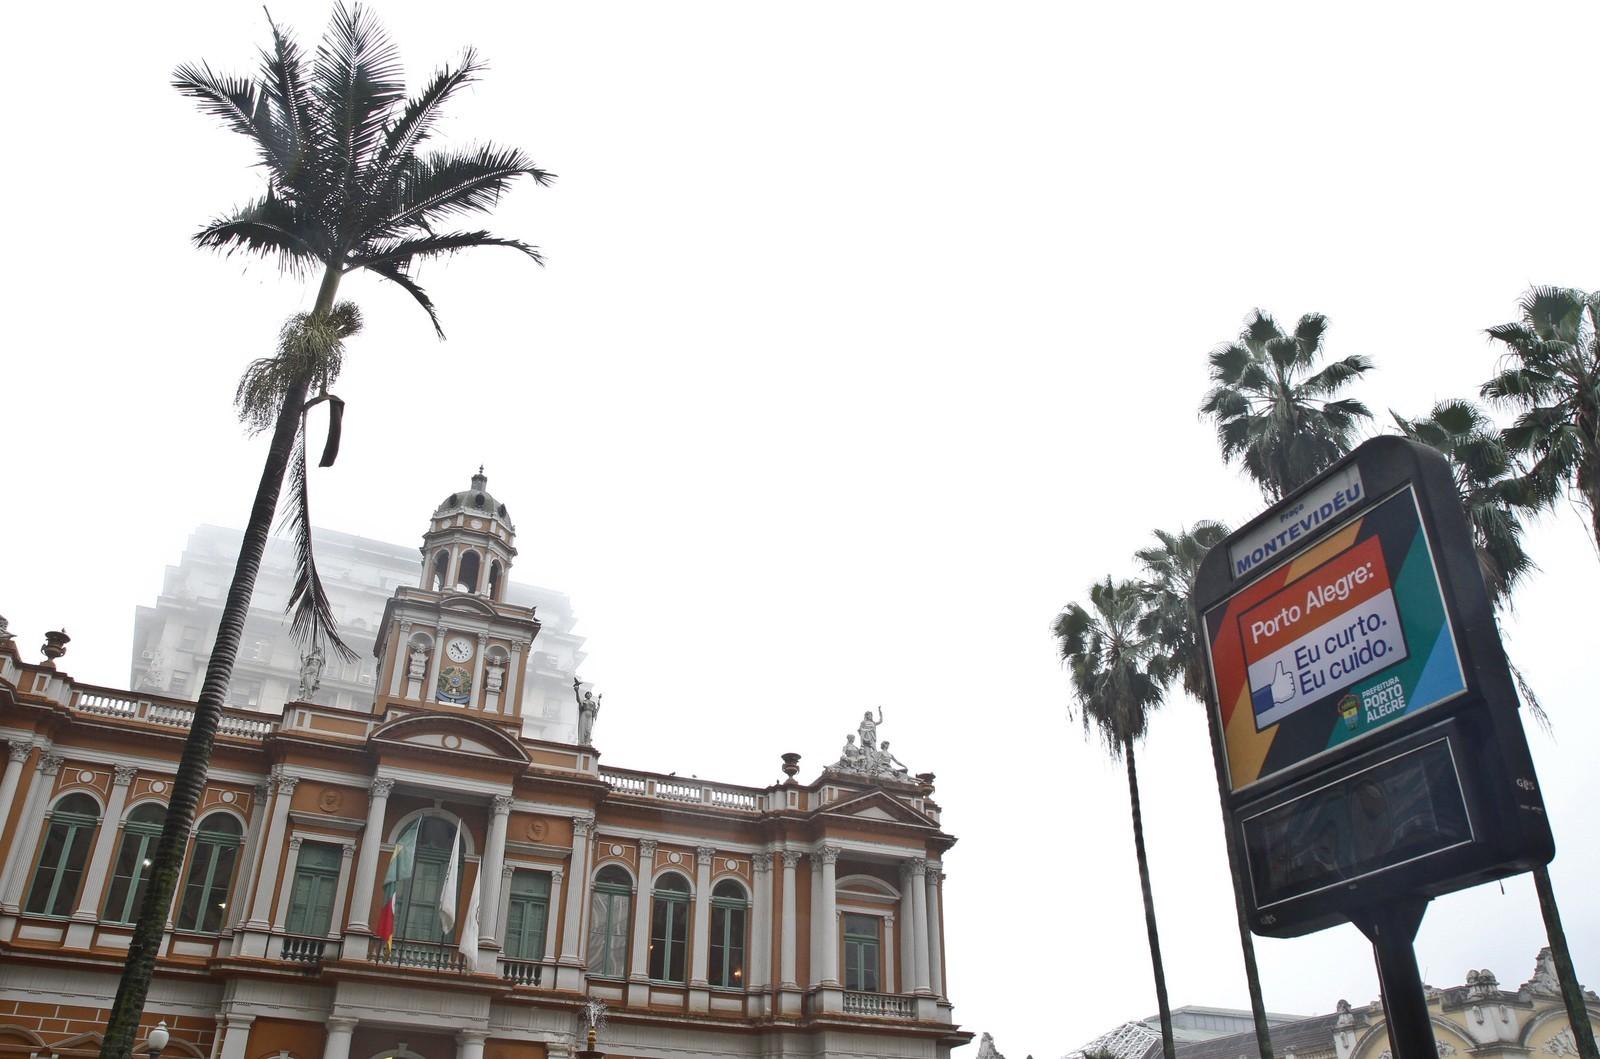 Lançado edital para concessão de 168 relógios de rua em Porto Alegre - Noticias